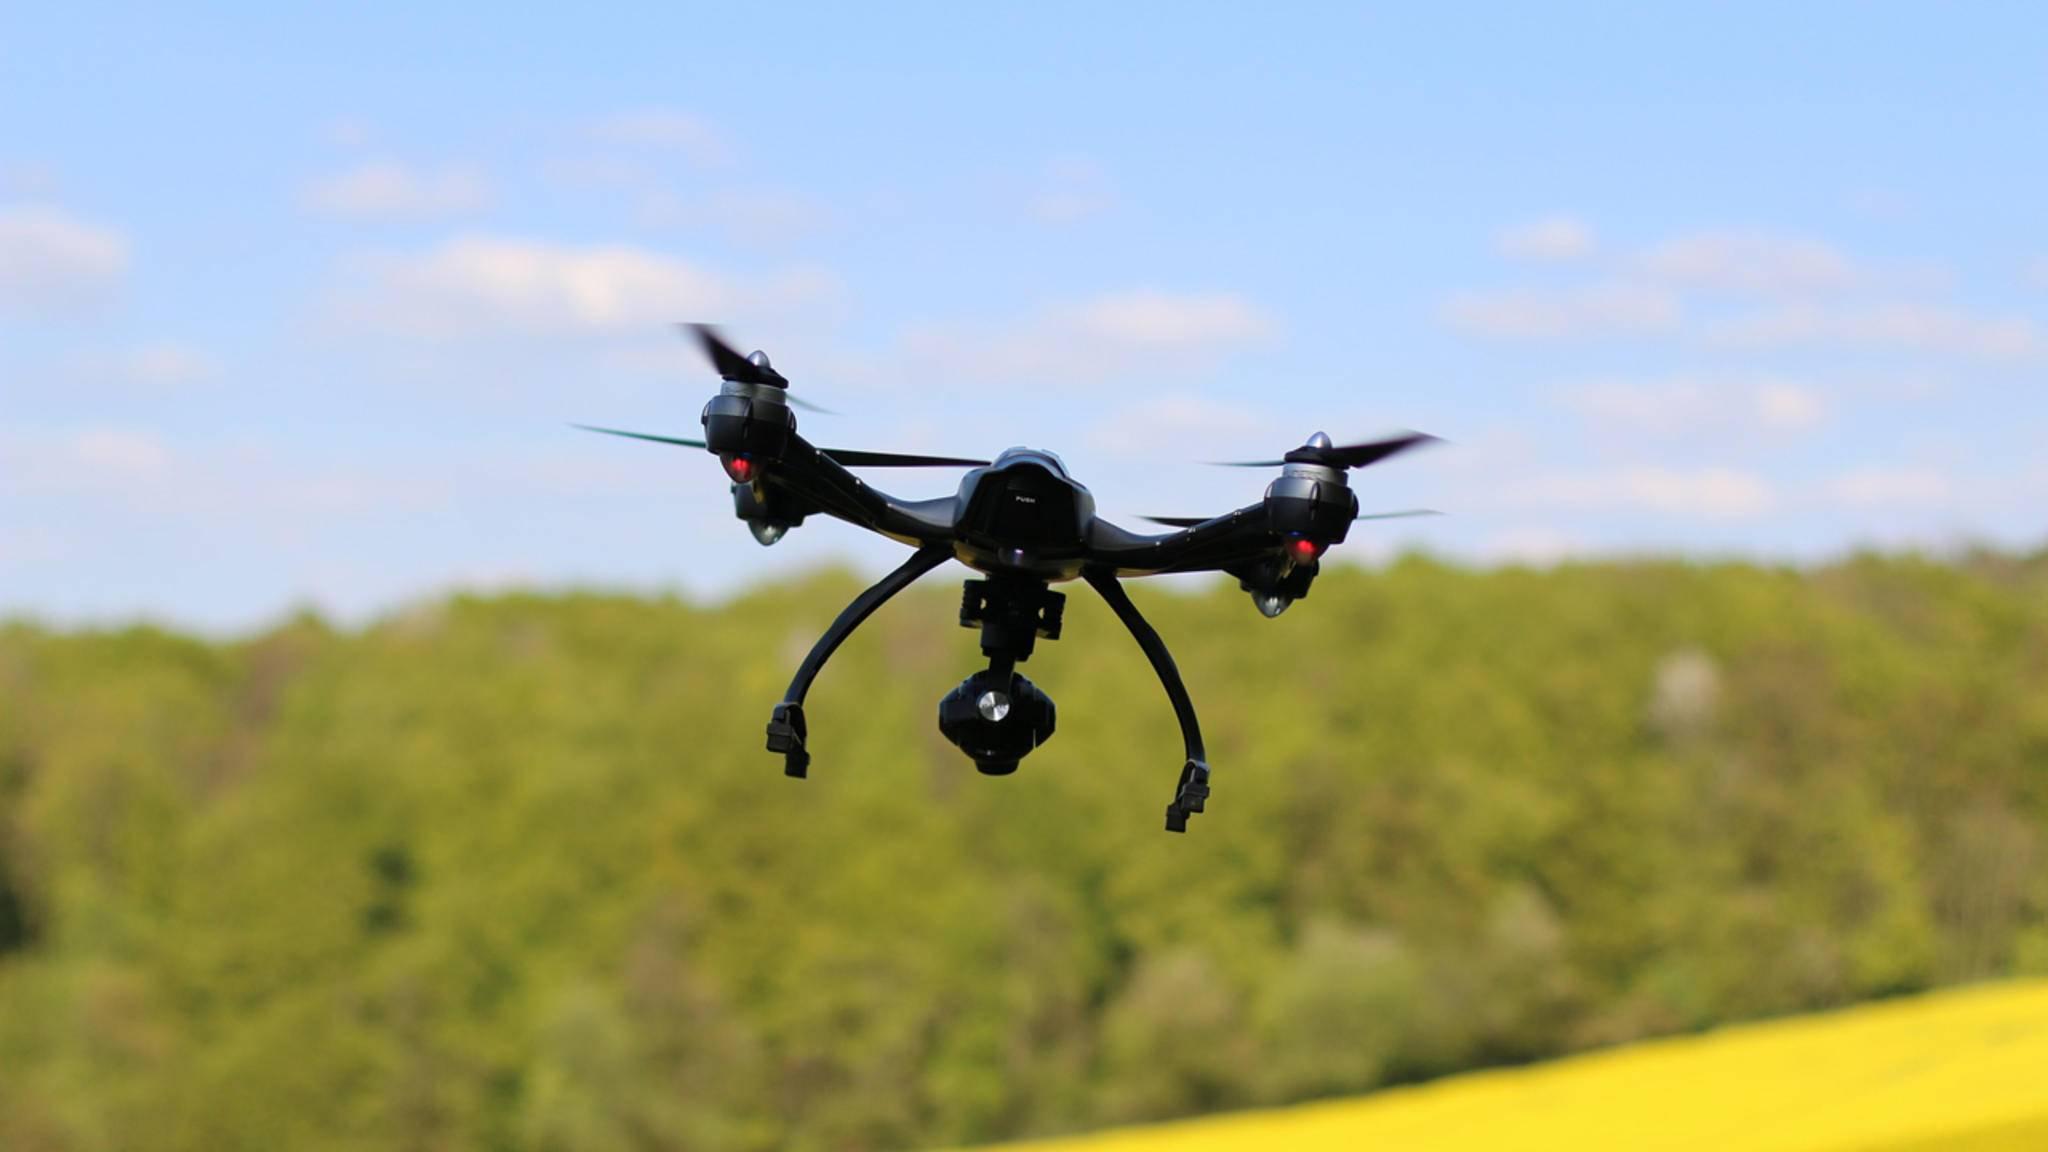 Bitte lächeln! Drohnen lassen Deine Kamerakünste abheben.